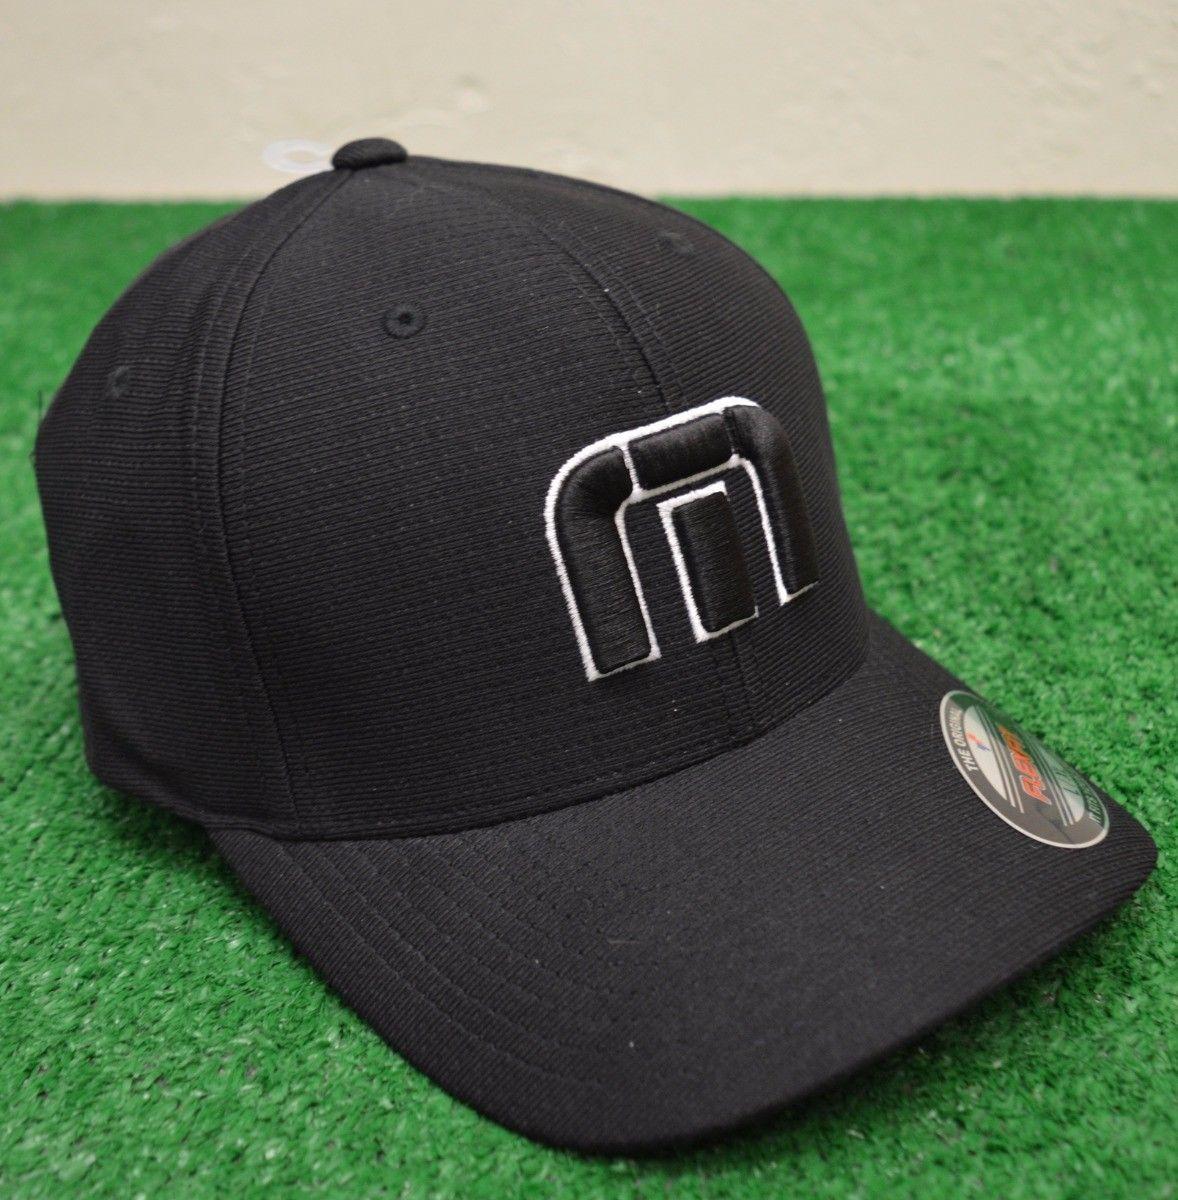 048d3de15da Travis Mathew B-Bahamas Fitted Golf Hat - Black - L XL